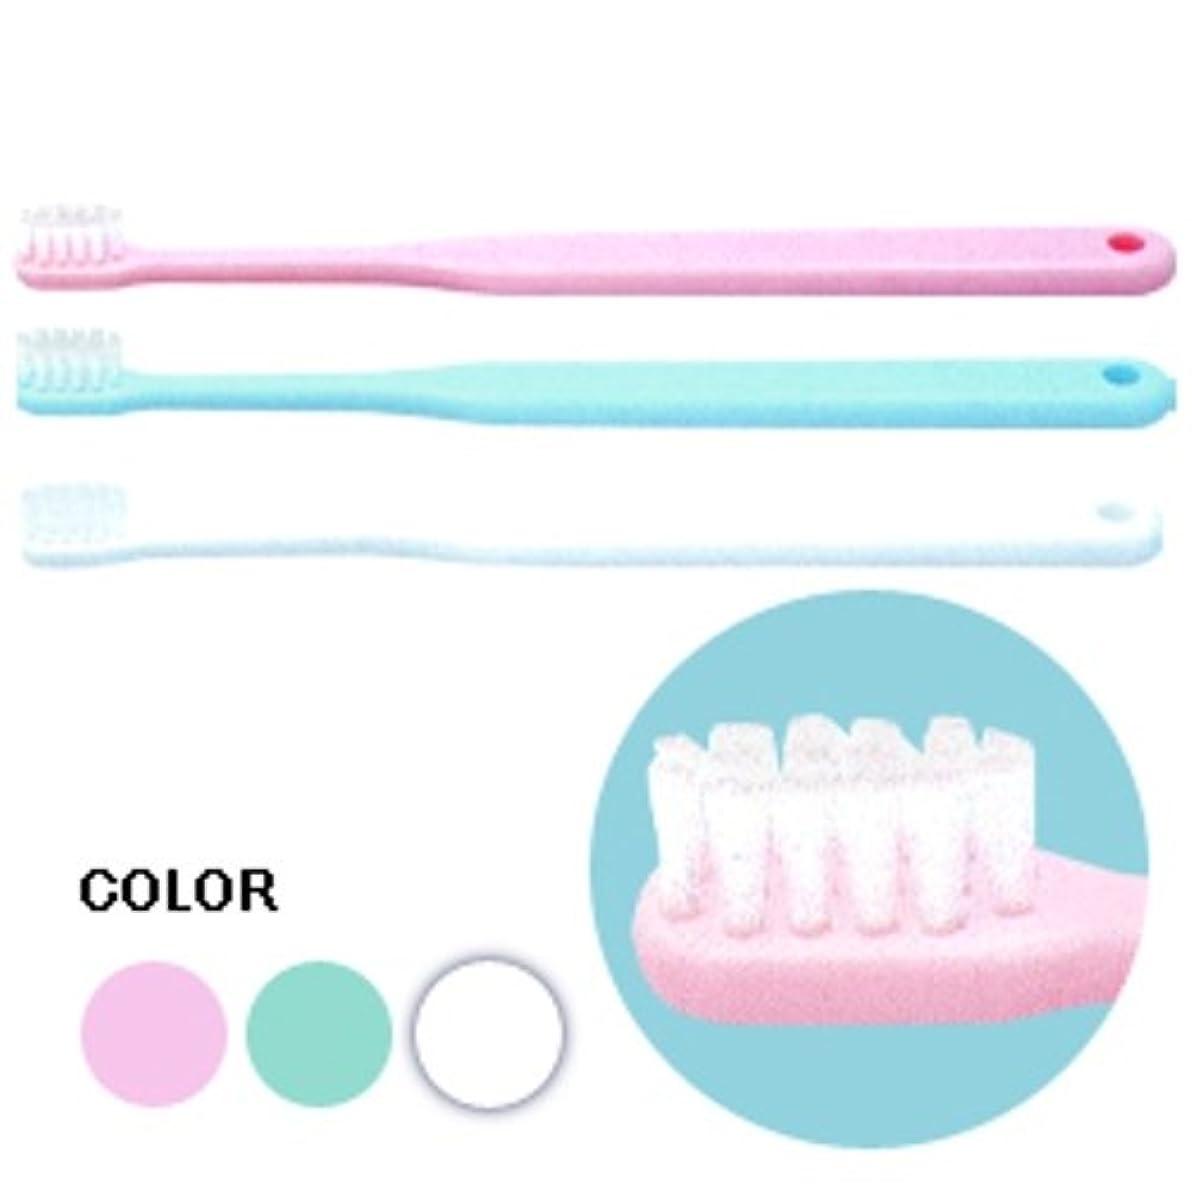 無し句大いにCiメディカル 歯ブラシ Ci602 仕上げ磨き用 × 3本 アソート